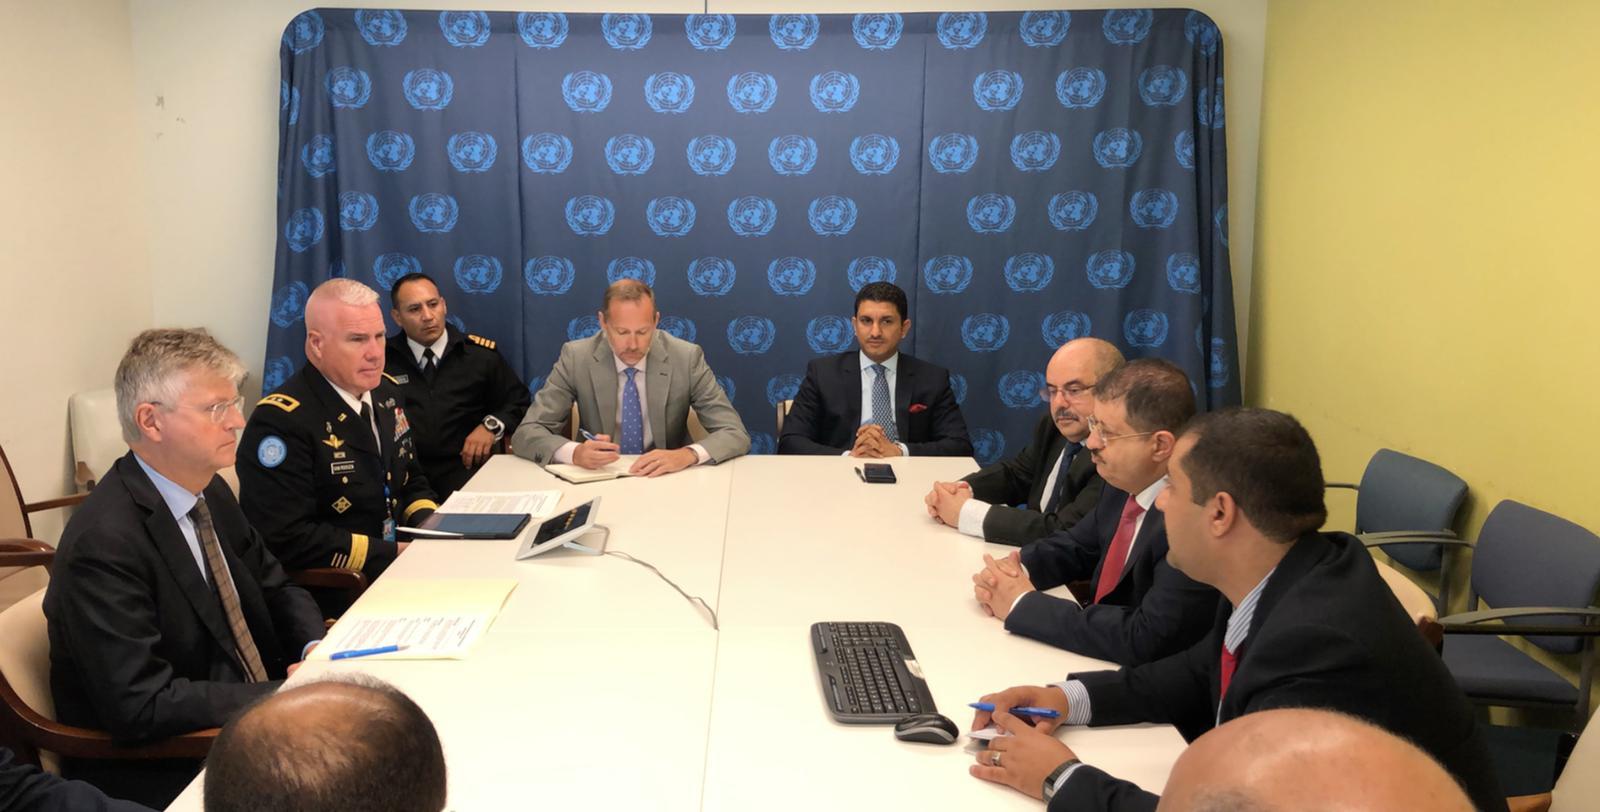 وزير الدفاع يناقش في نيويورك جهود الدول الأعضاء في دعم الامن والسلام الدوليين